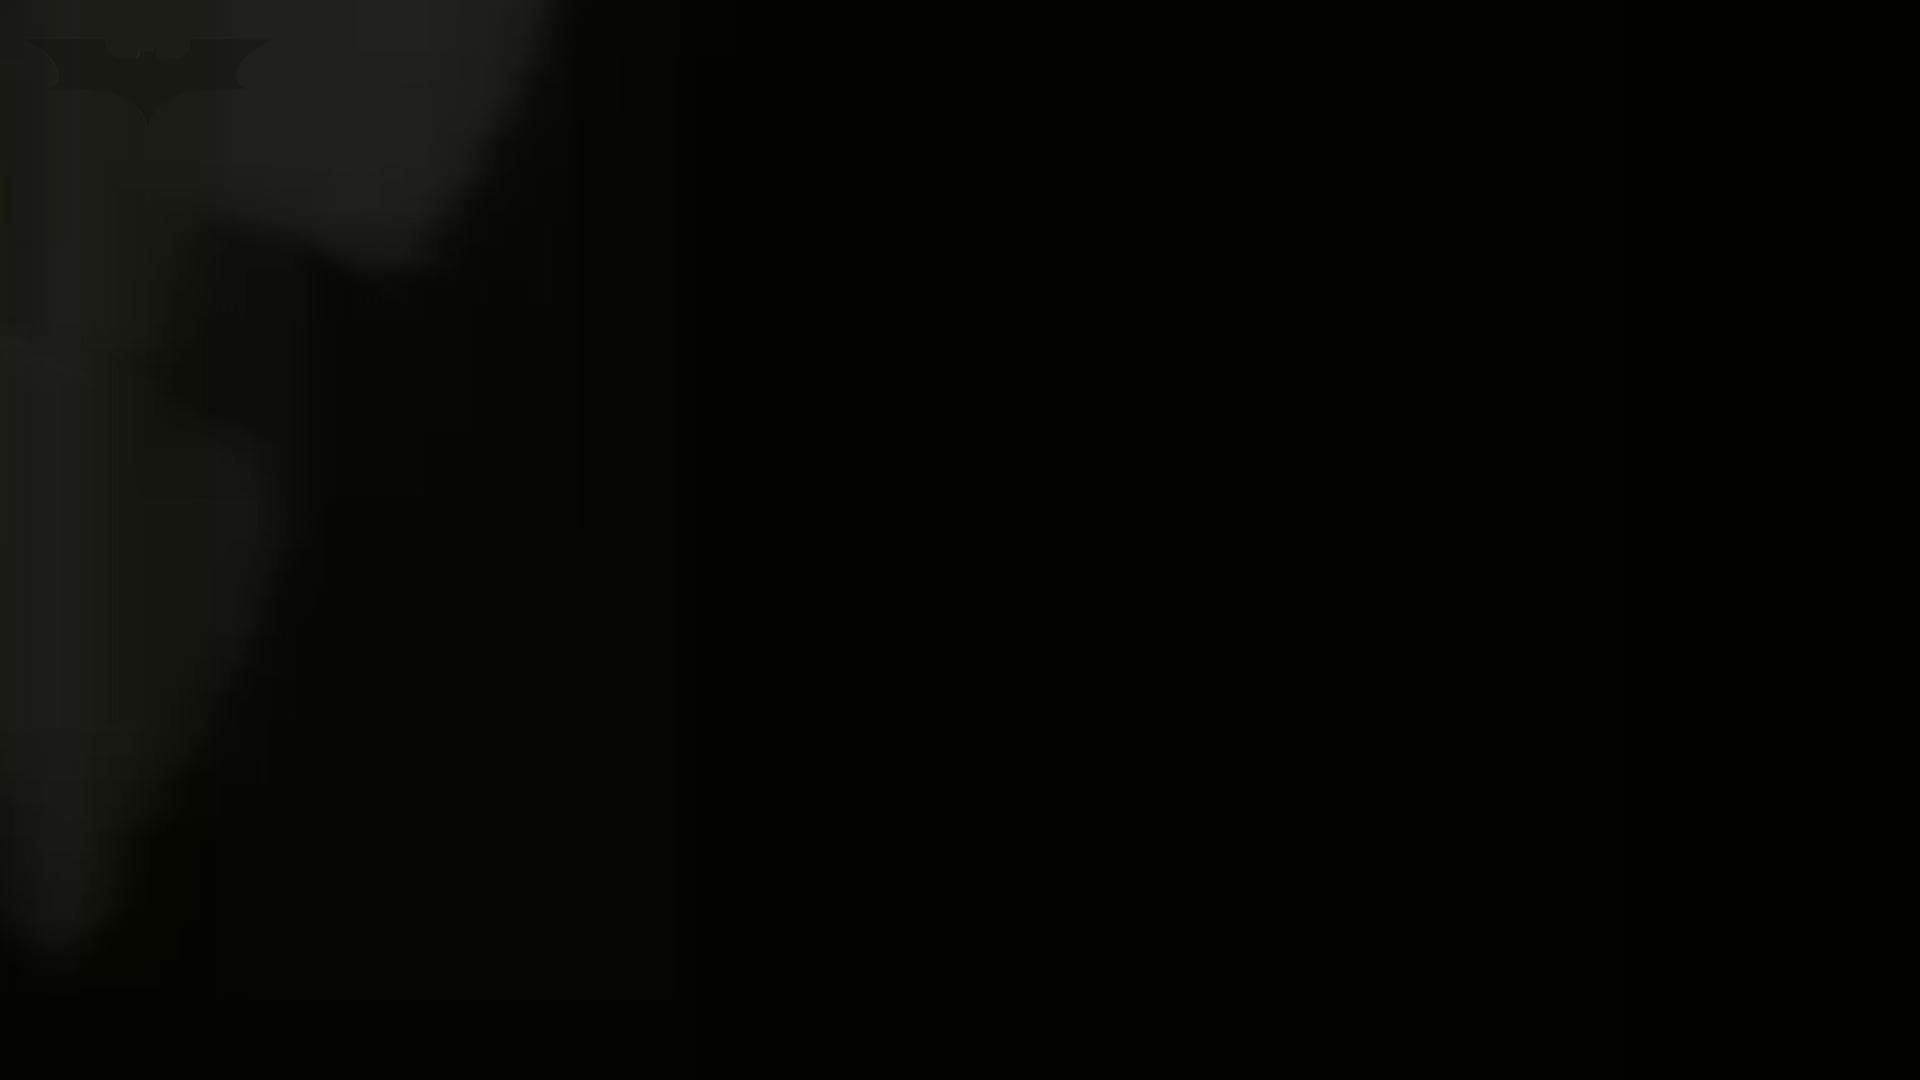 洗面所特攻隊 vol.74 last 2総勢16名激撮【2015・29位】 お姉さん  95PIX 38